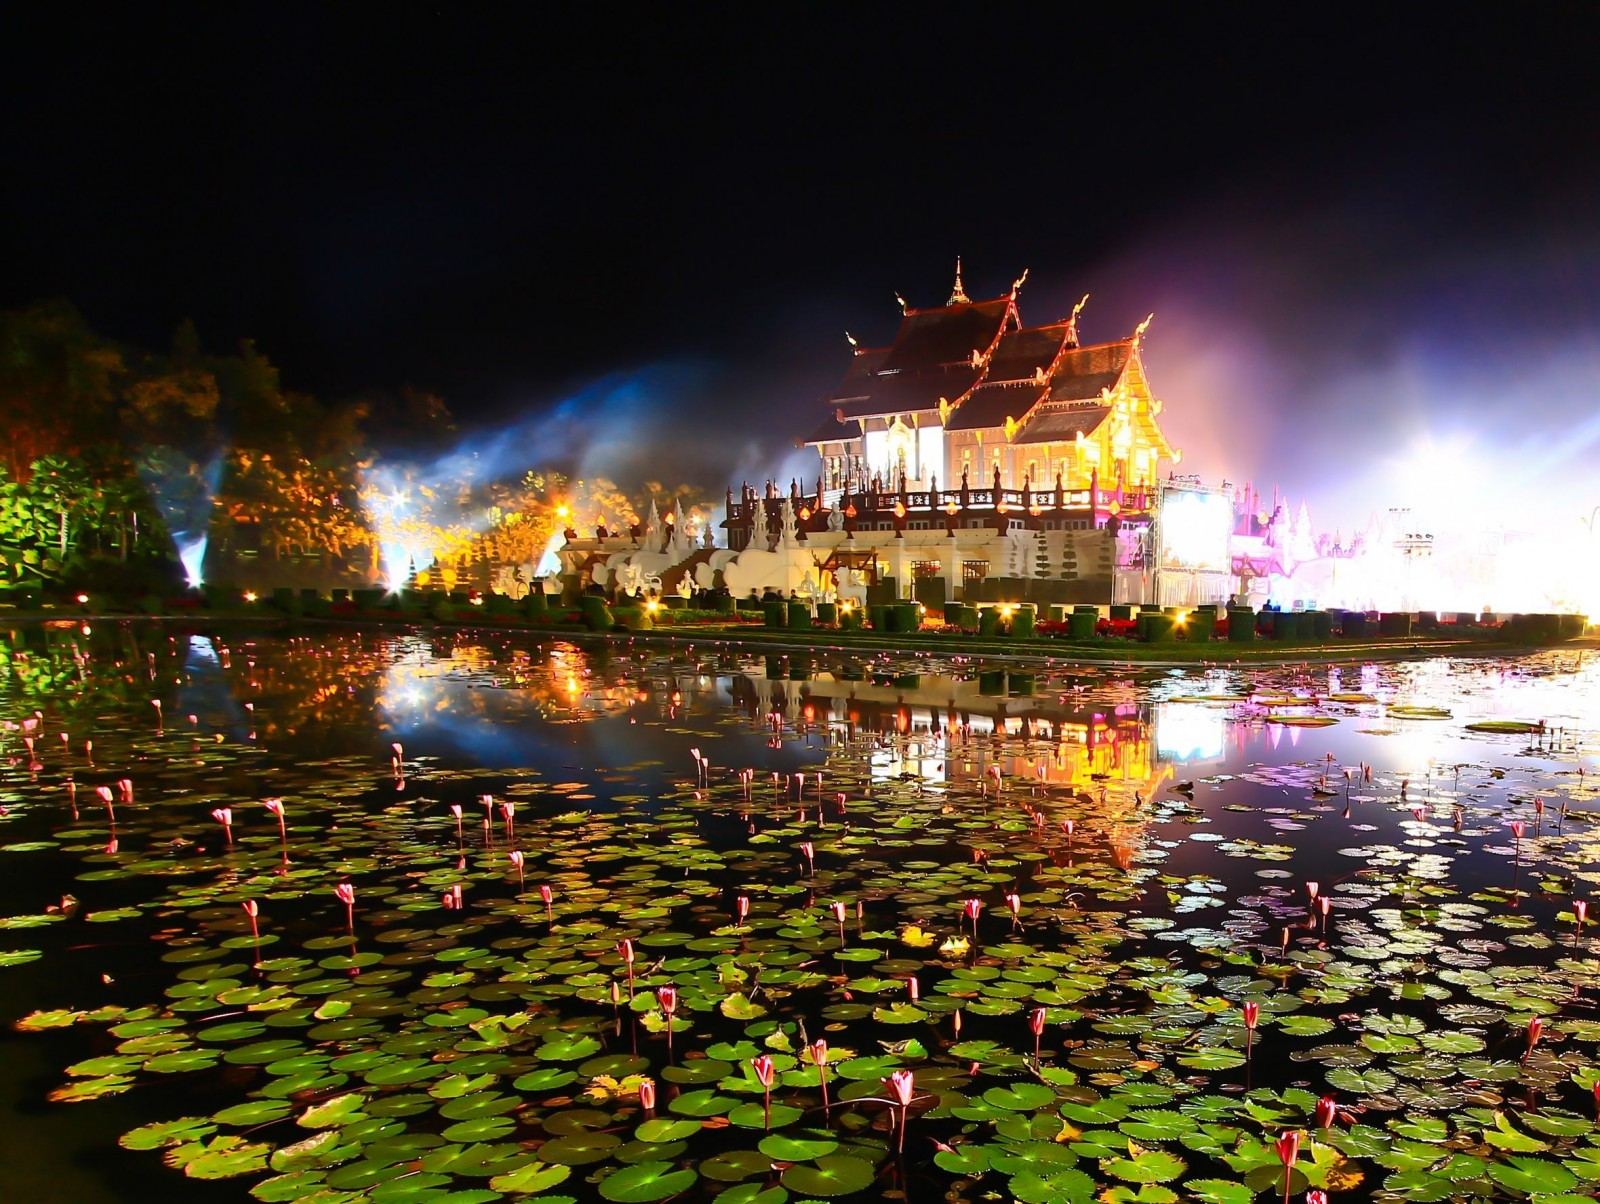 اروع الاماكن السياحيه في تايلاند (3)